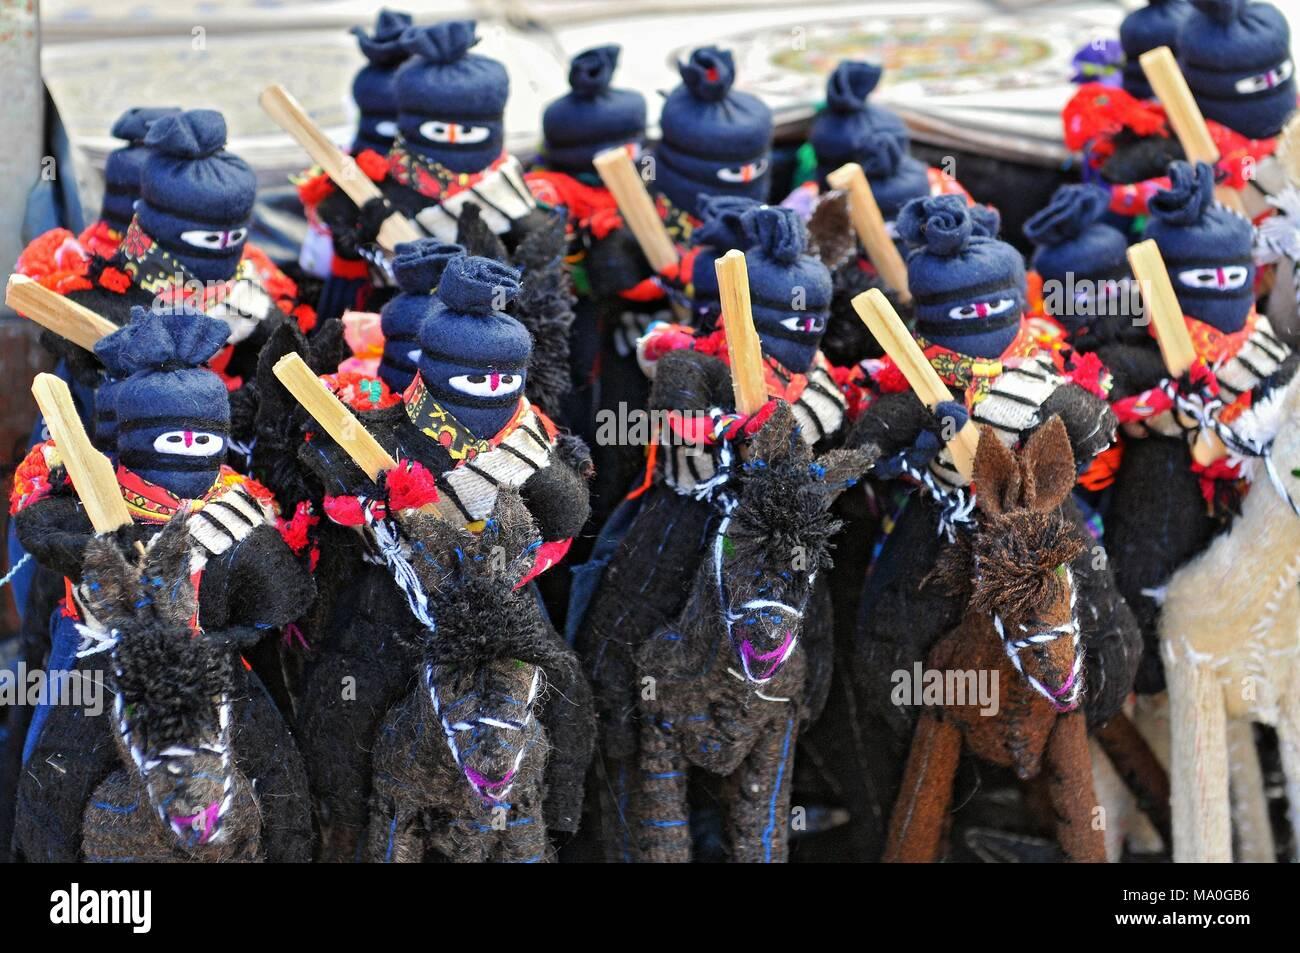 Zapatista Marcos dolls for sale in San Cristobal de las Casas, Chiapas, Mexico. - Stock Image